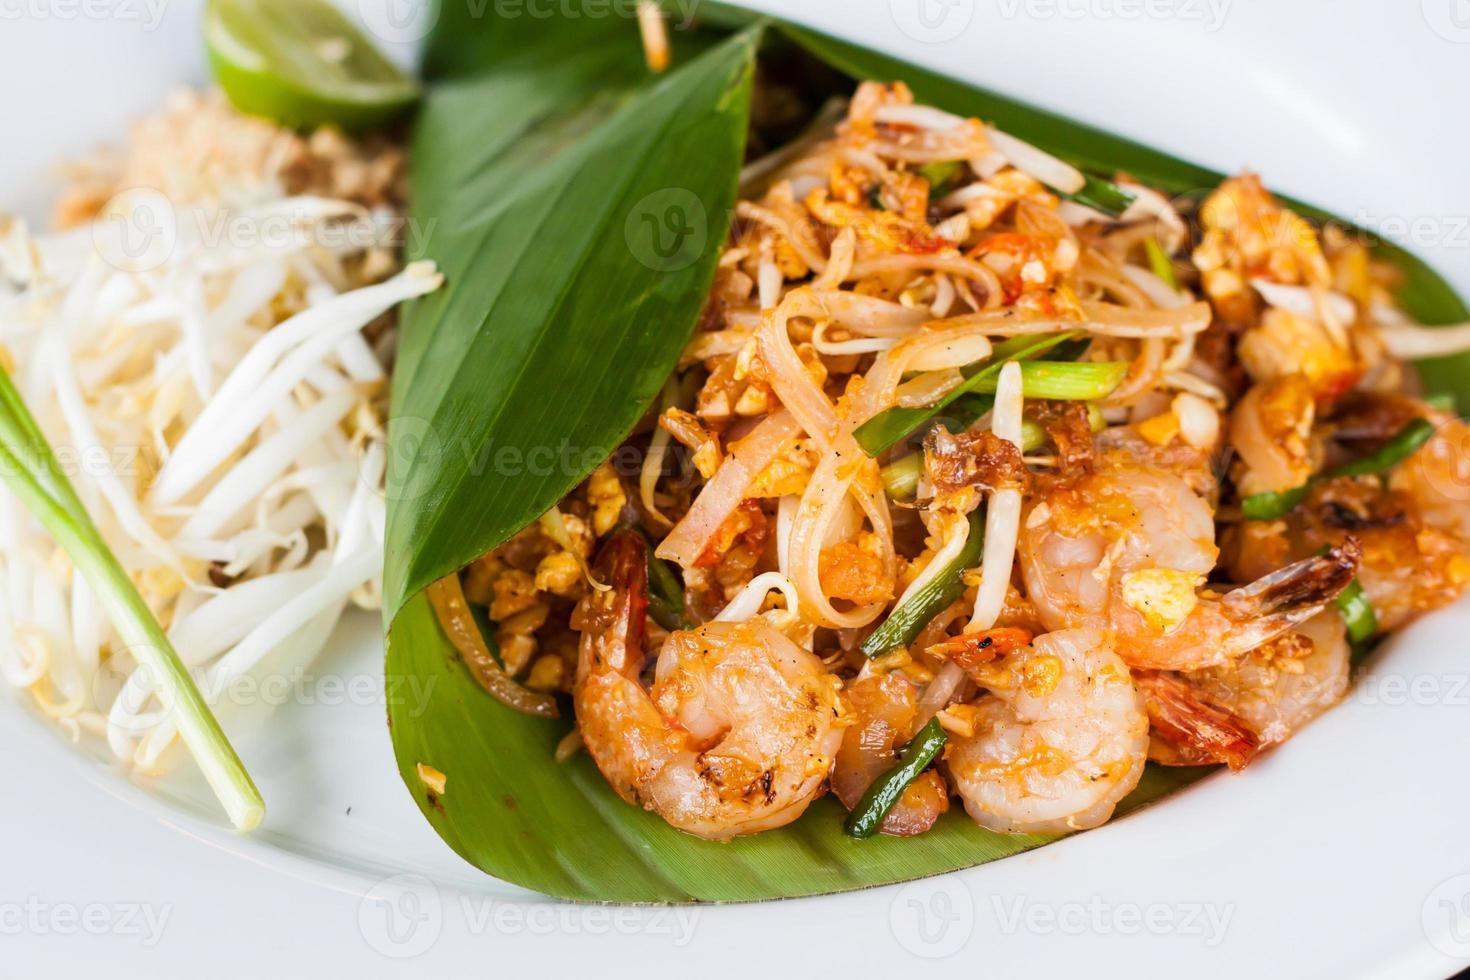 pad tailandês, macarrão estilo tailandês com camarão foto